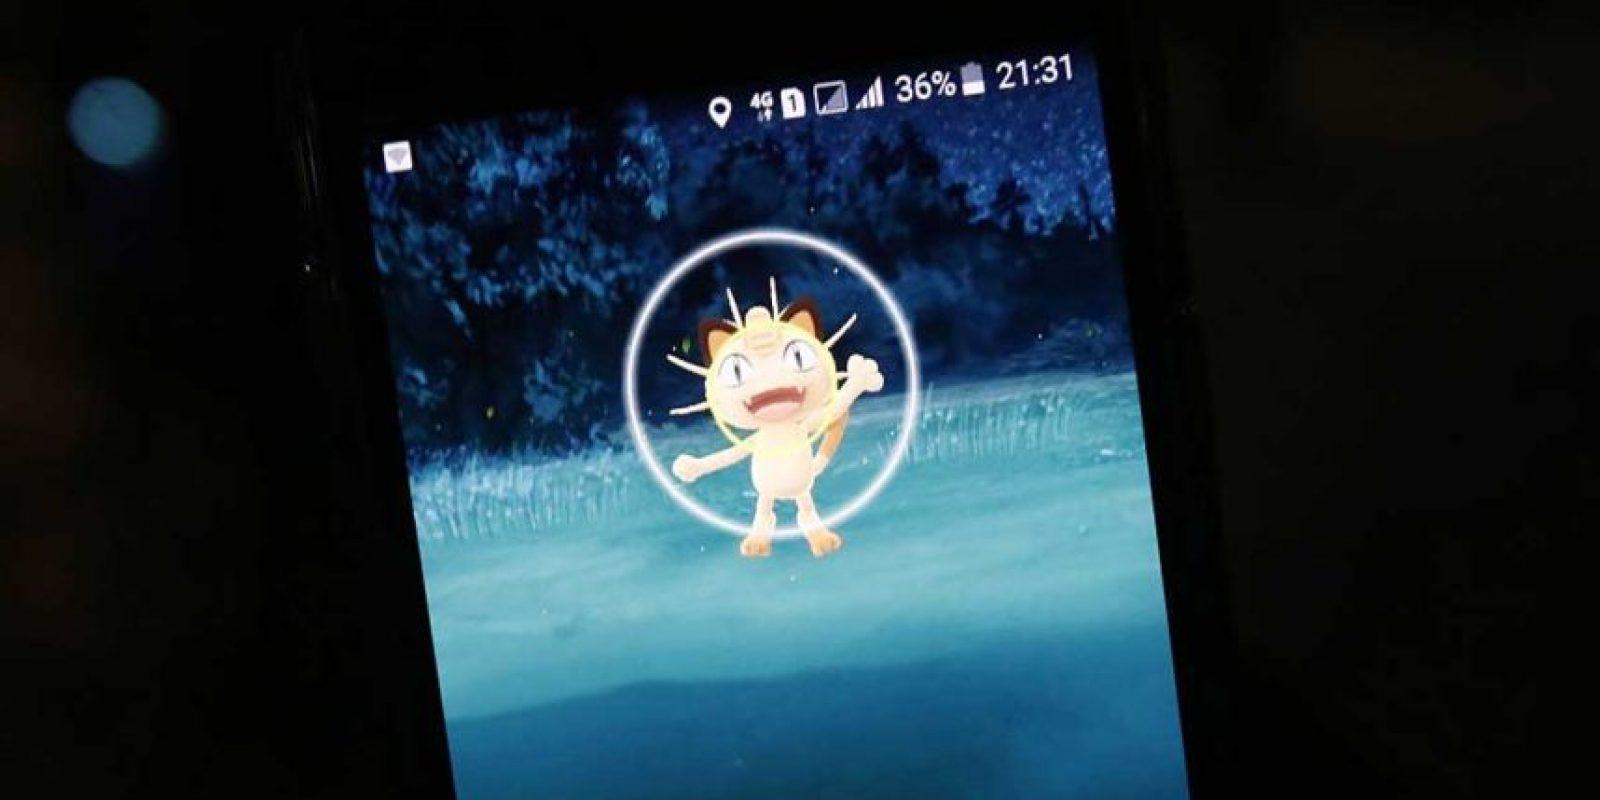 Durante sus primeras semanas de vida, Pokémon Go superó en búsquedas a la siempre poderosa industria de la pornografía. Foto:Getty Images. Imagen Por: